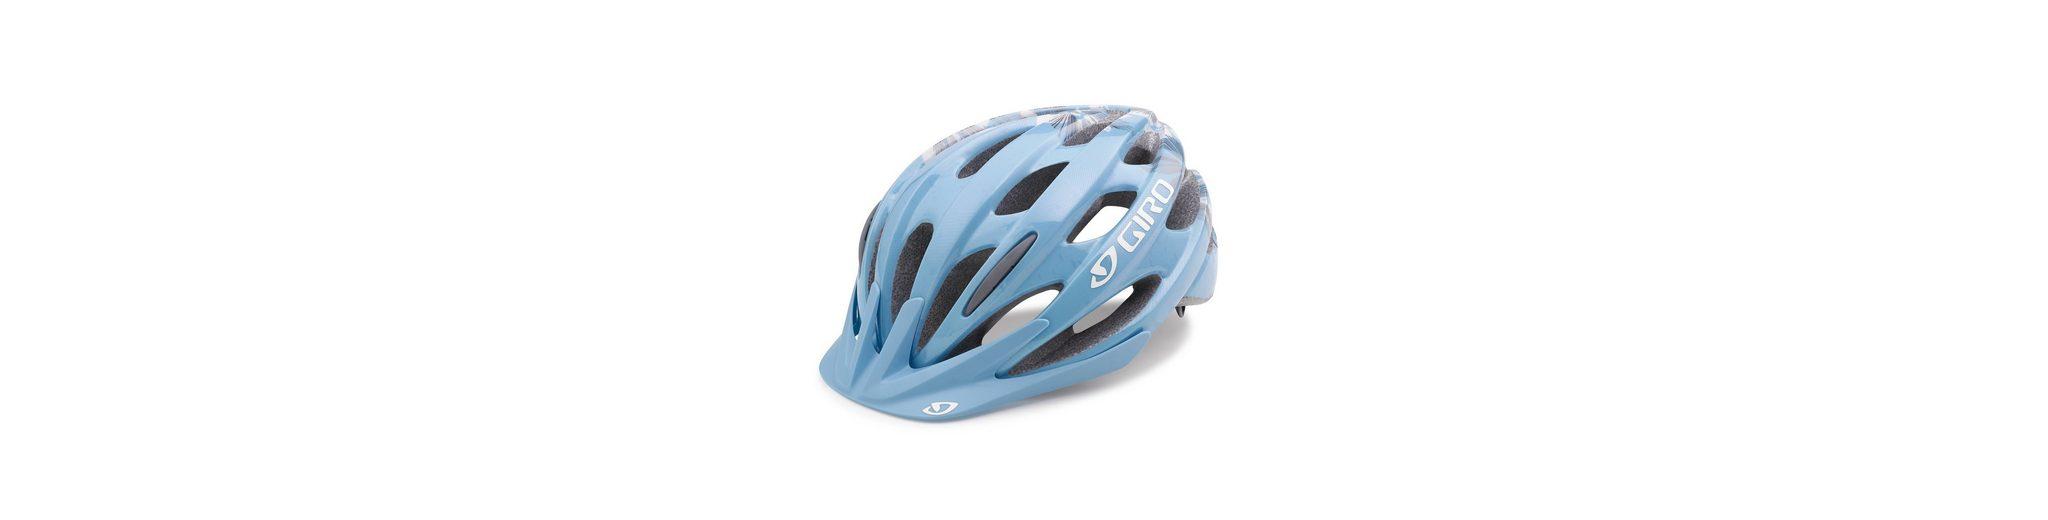 Giro Fahrradhelm »Verona Helmet Women unisize«